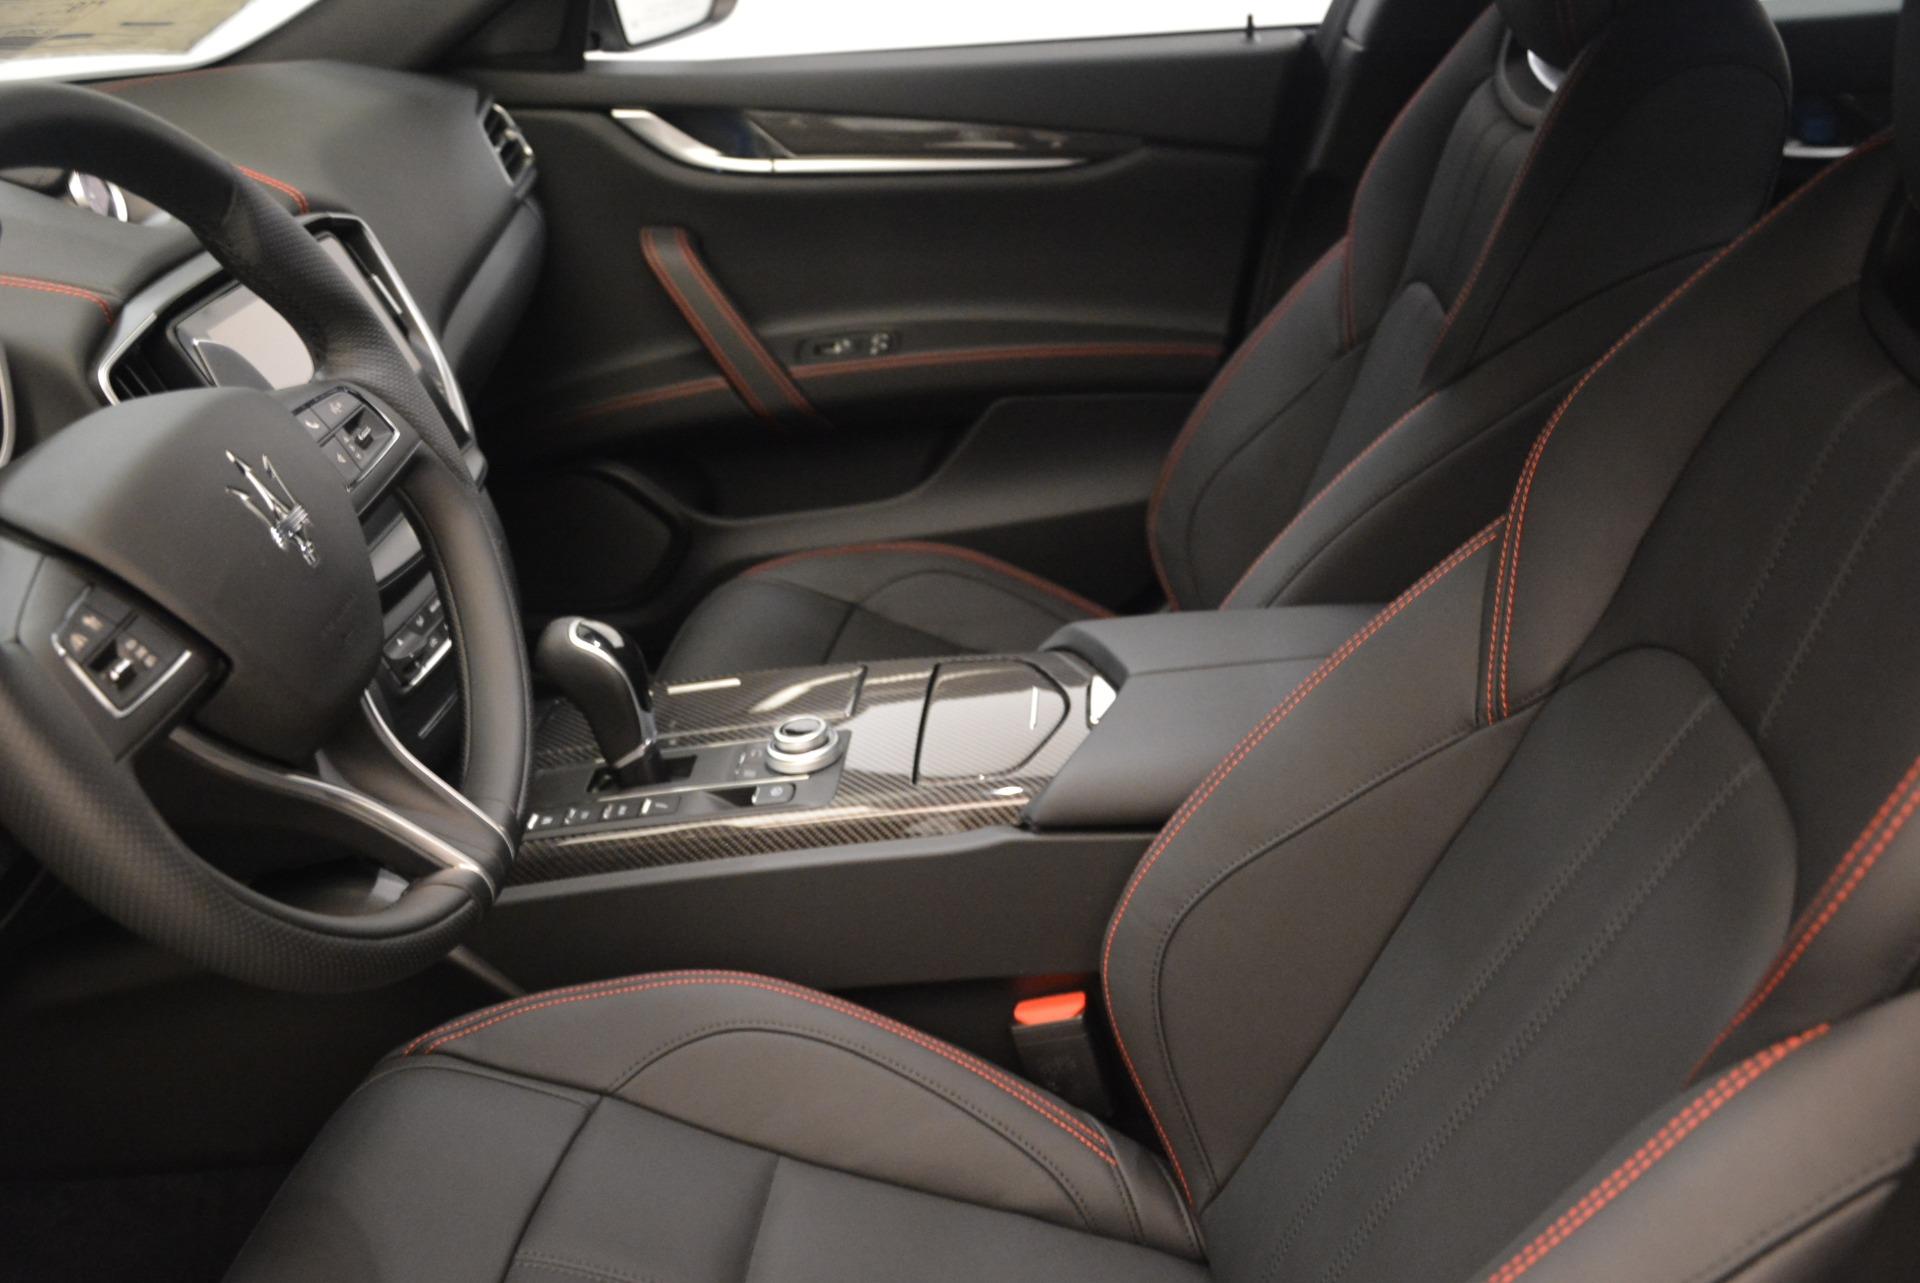 New 2018 Maserati Ghibli SQ4 GranSport Nerissimo For Sale In Greenwich, CT 2366_p14